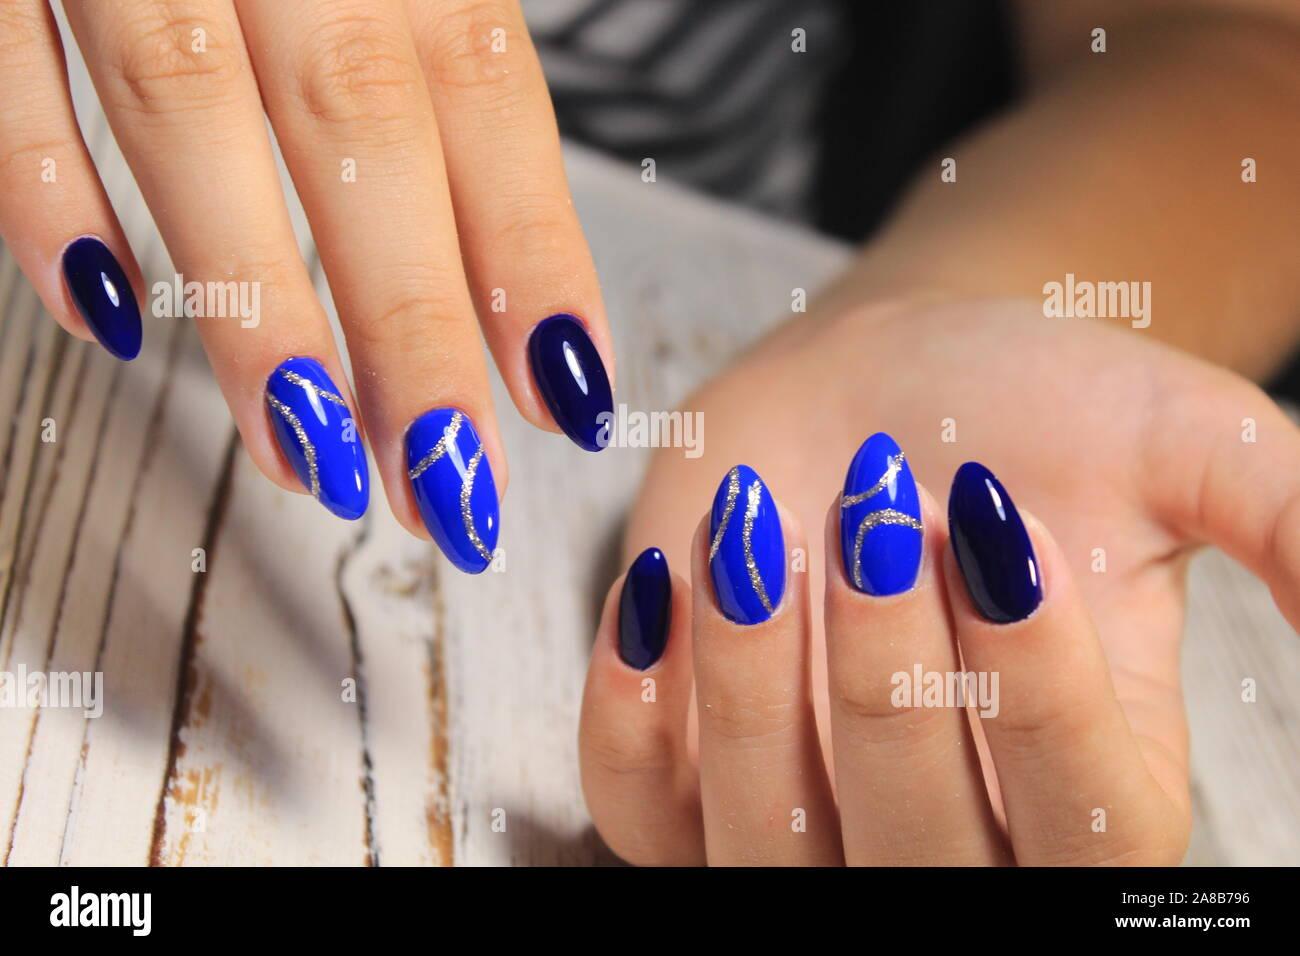 Elegante Diseño De Manicura De Uñas Largas Y Hermosas Foto